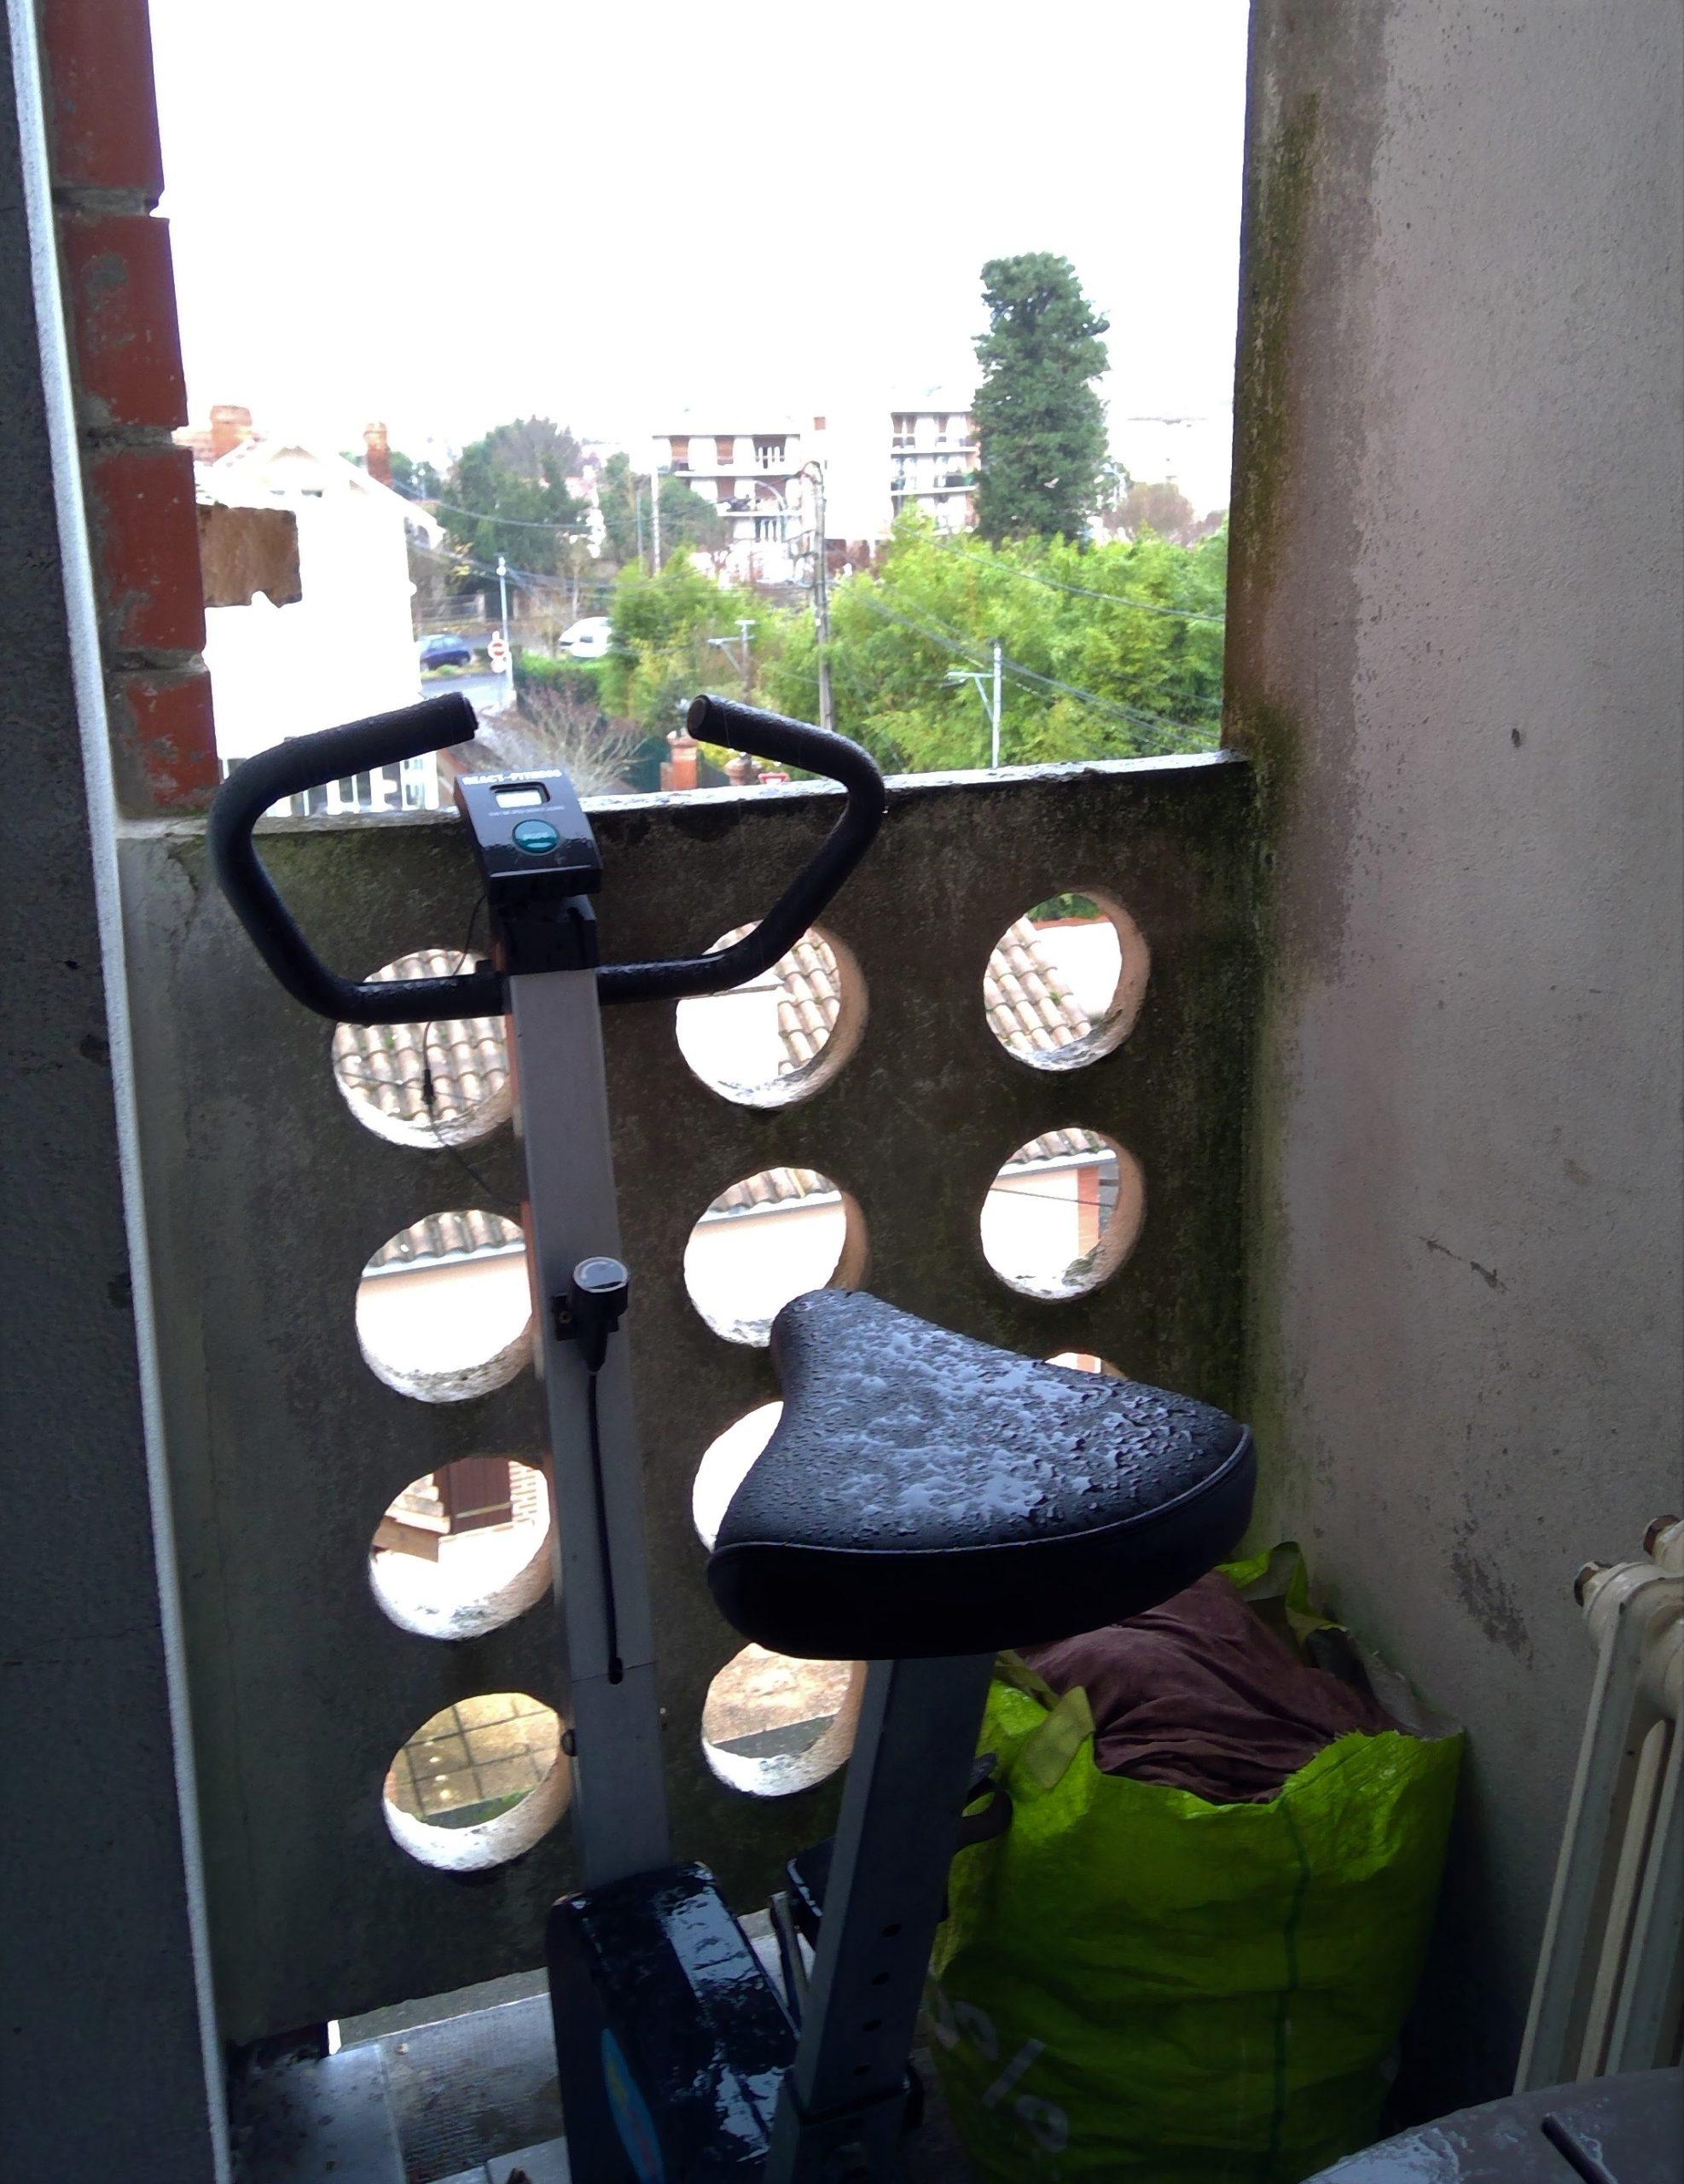 Appartement T3 rénové avec goût à 5 minutes à pieds du centre-ville REF: 1564